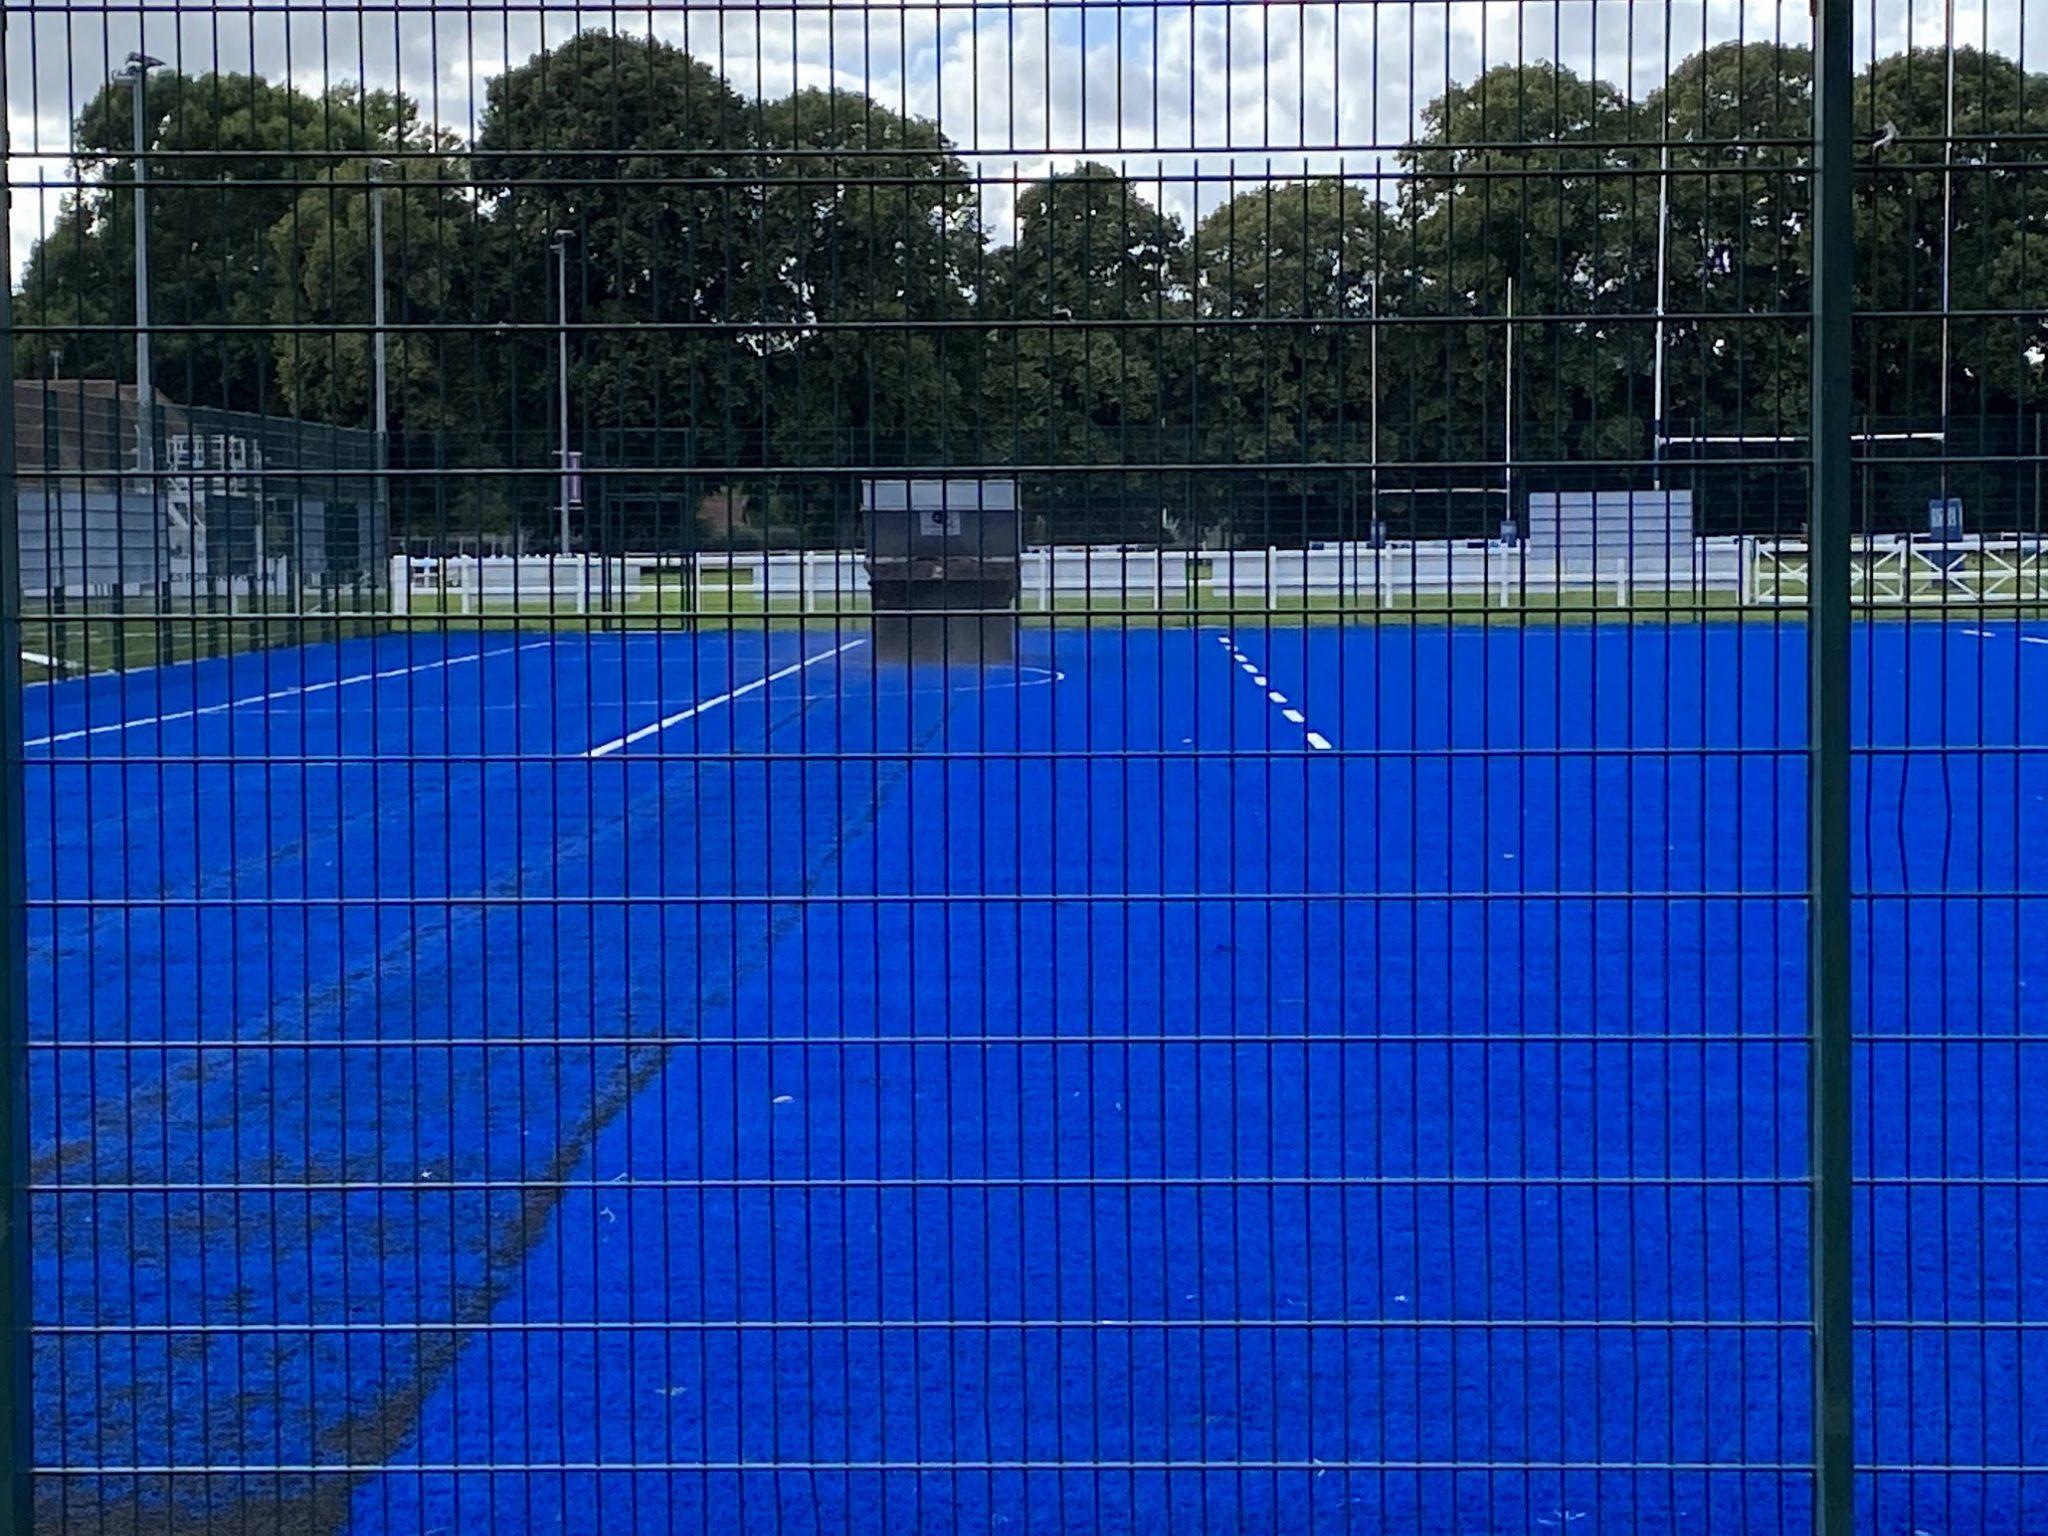 Henley RFC Installation